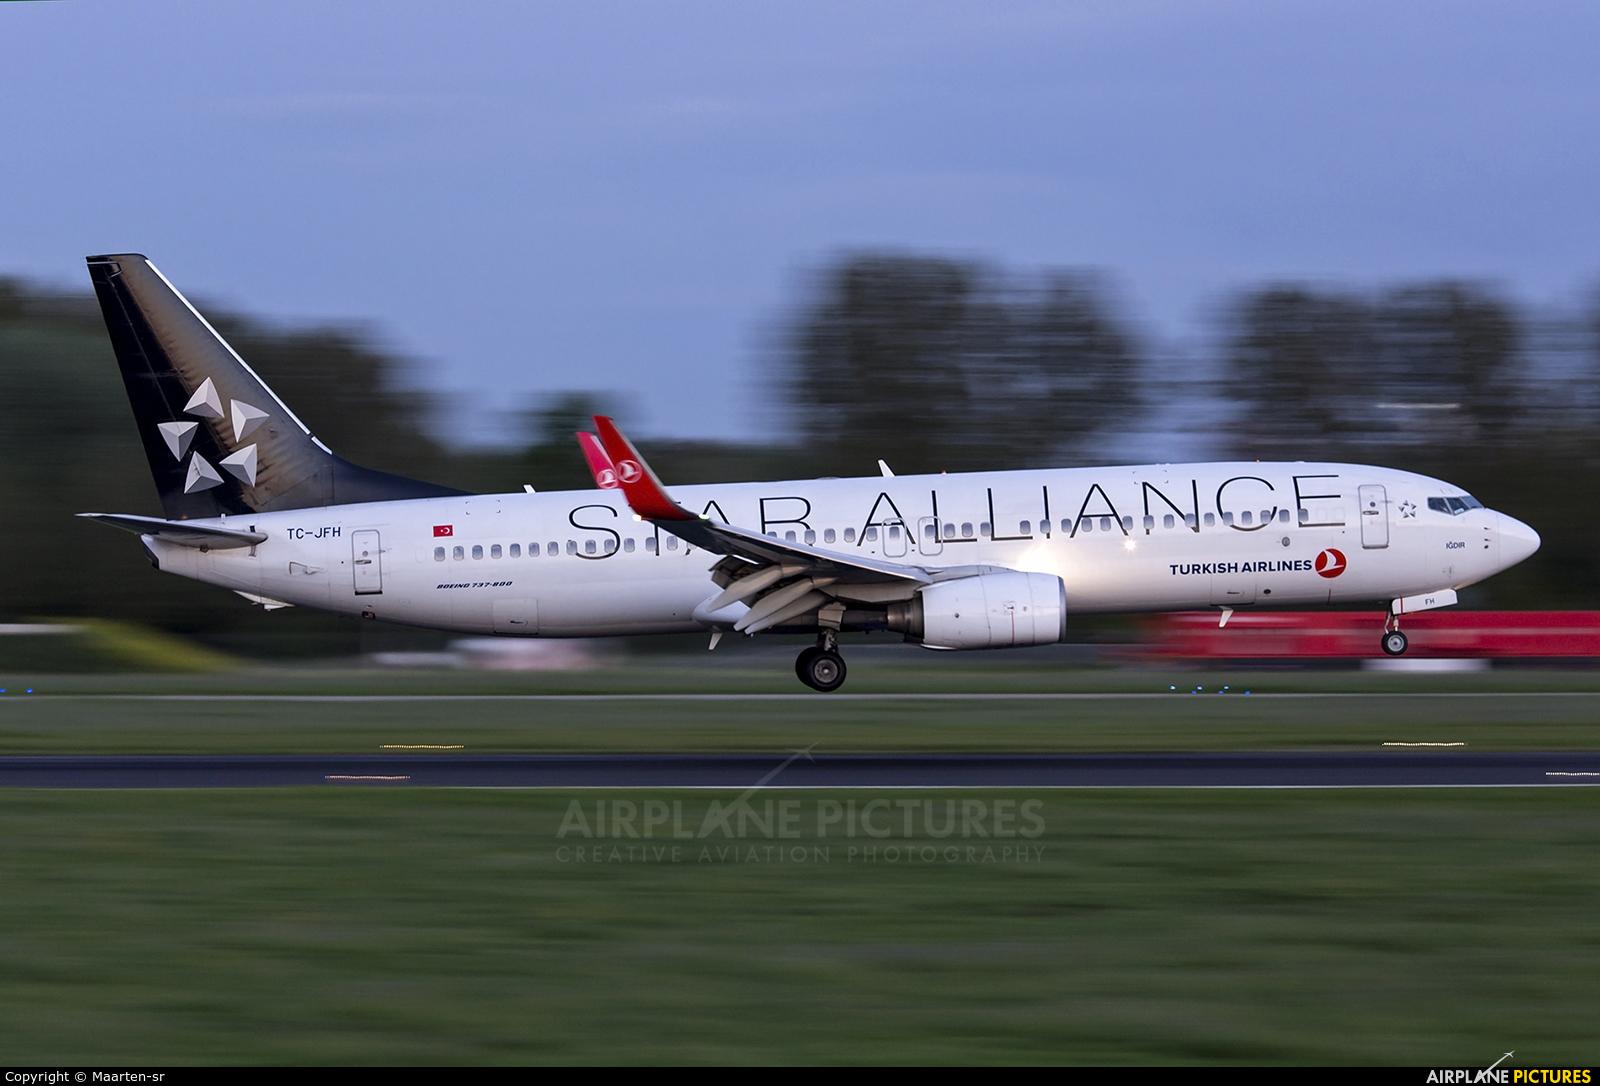 Turkish Airlines TC-JFH aircraft at Rotterdam